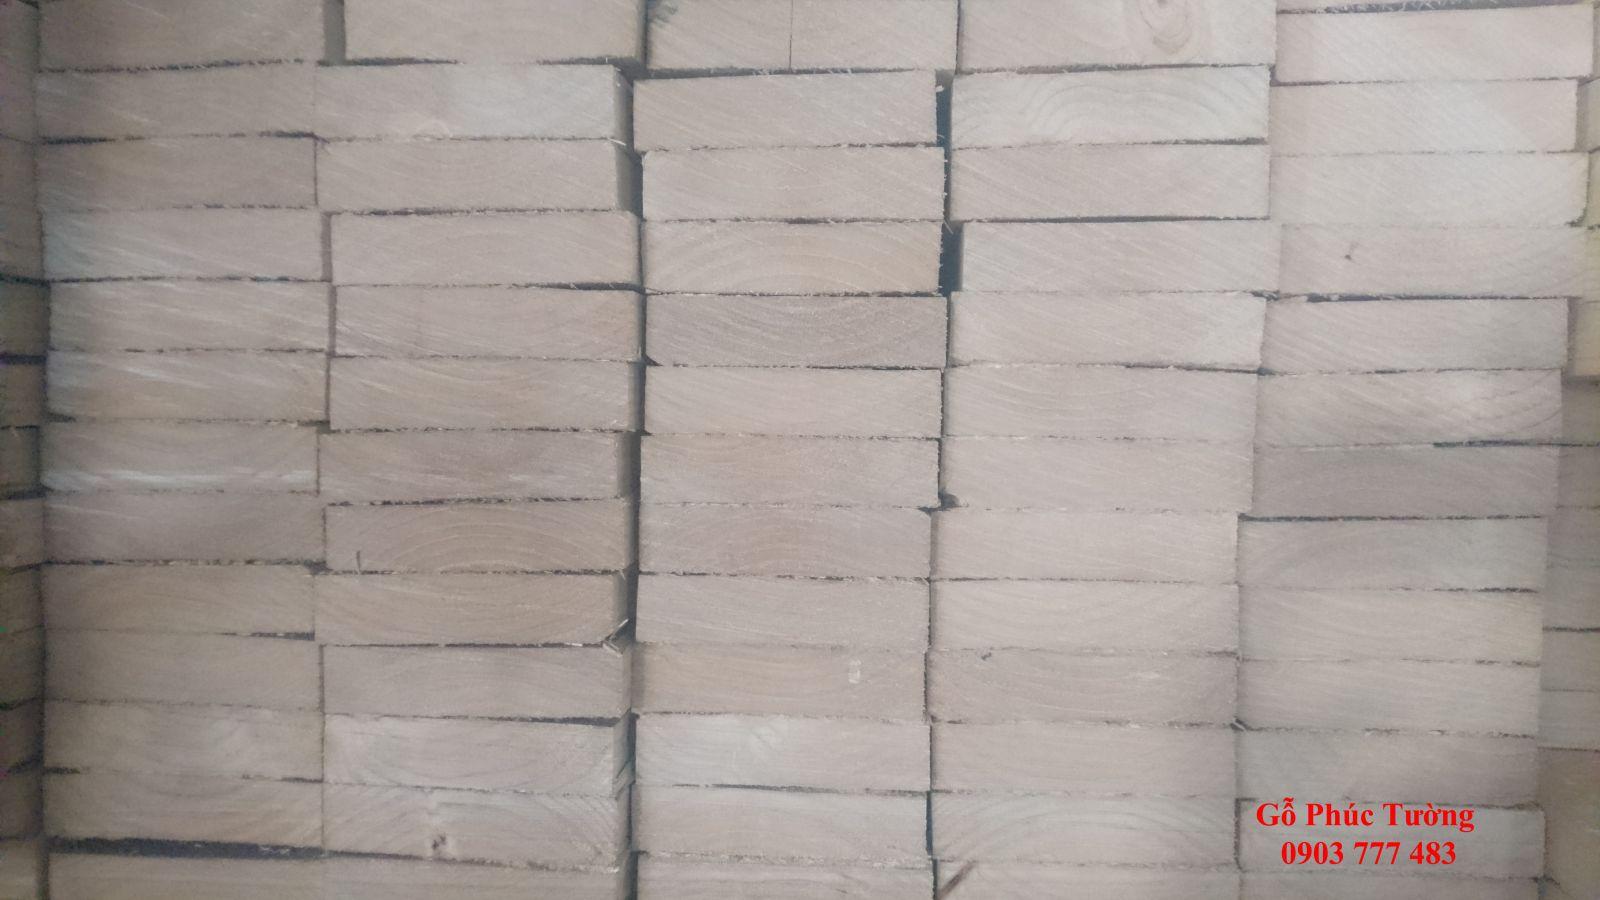 Gỗ thông Chile xẻ sấy nhập khẩu - Gỗ Phúc Tường - 22